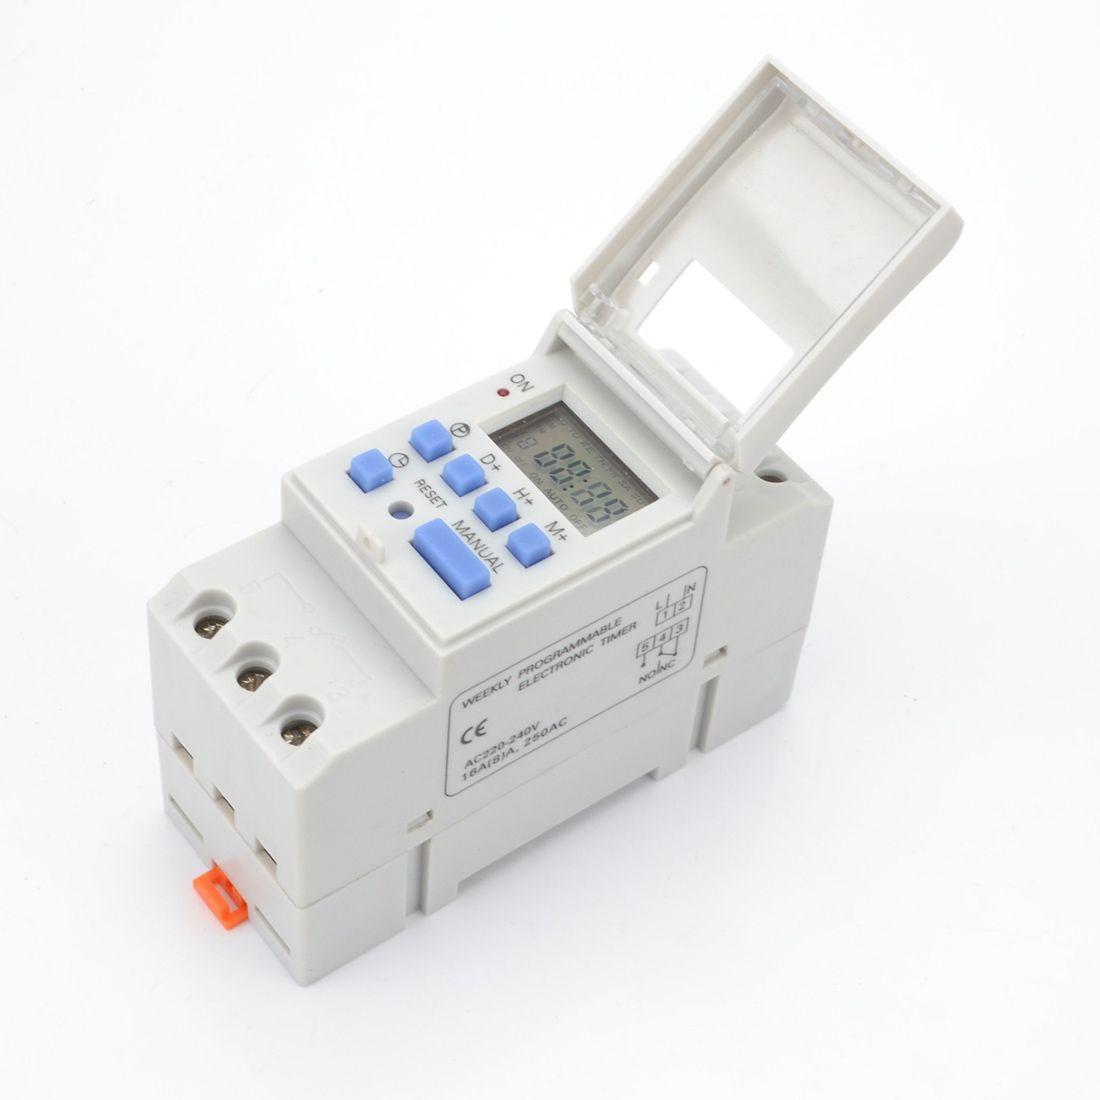 1 pc Numérique Programmable Minuterie Interrupteur AC 220 v/110 v DC 12 v 16A Temporizador Rail Din Minuterie commutateur tout neuf et de haute qualité